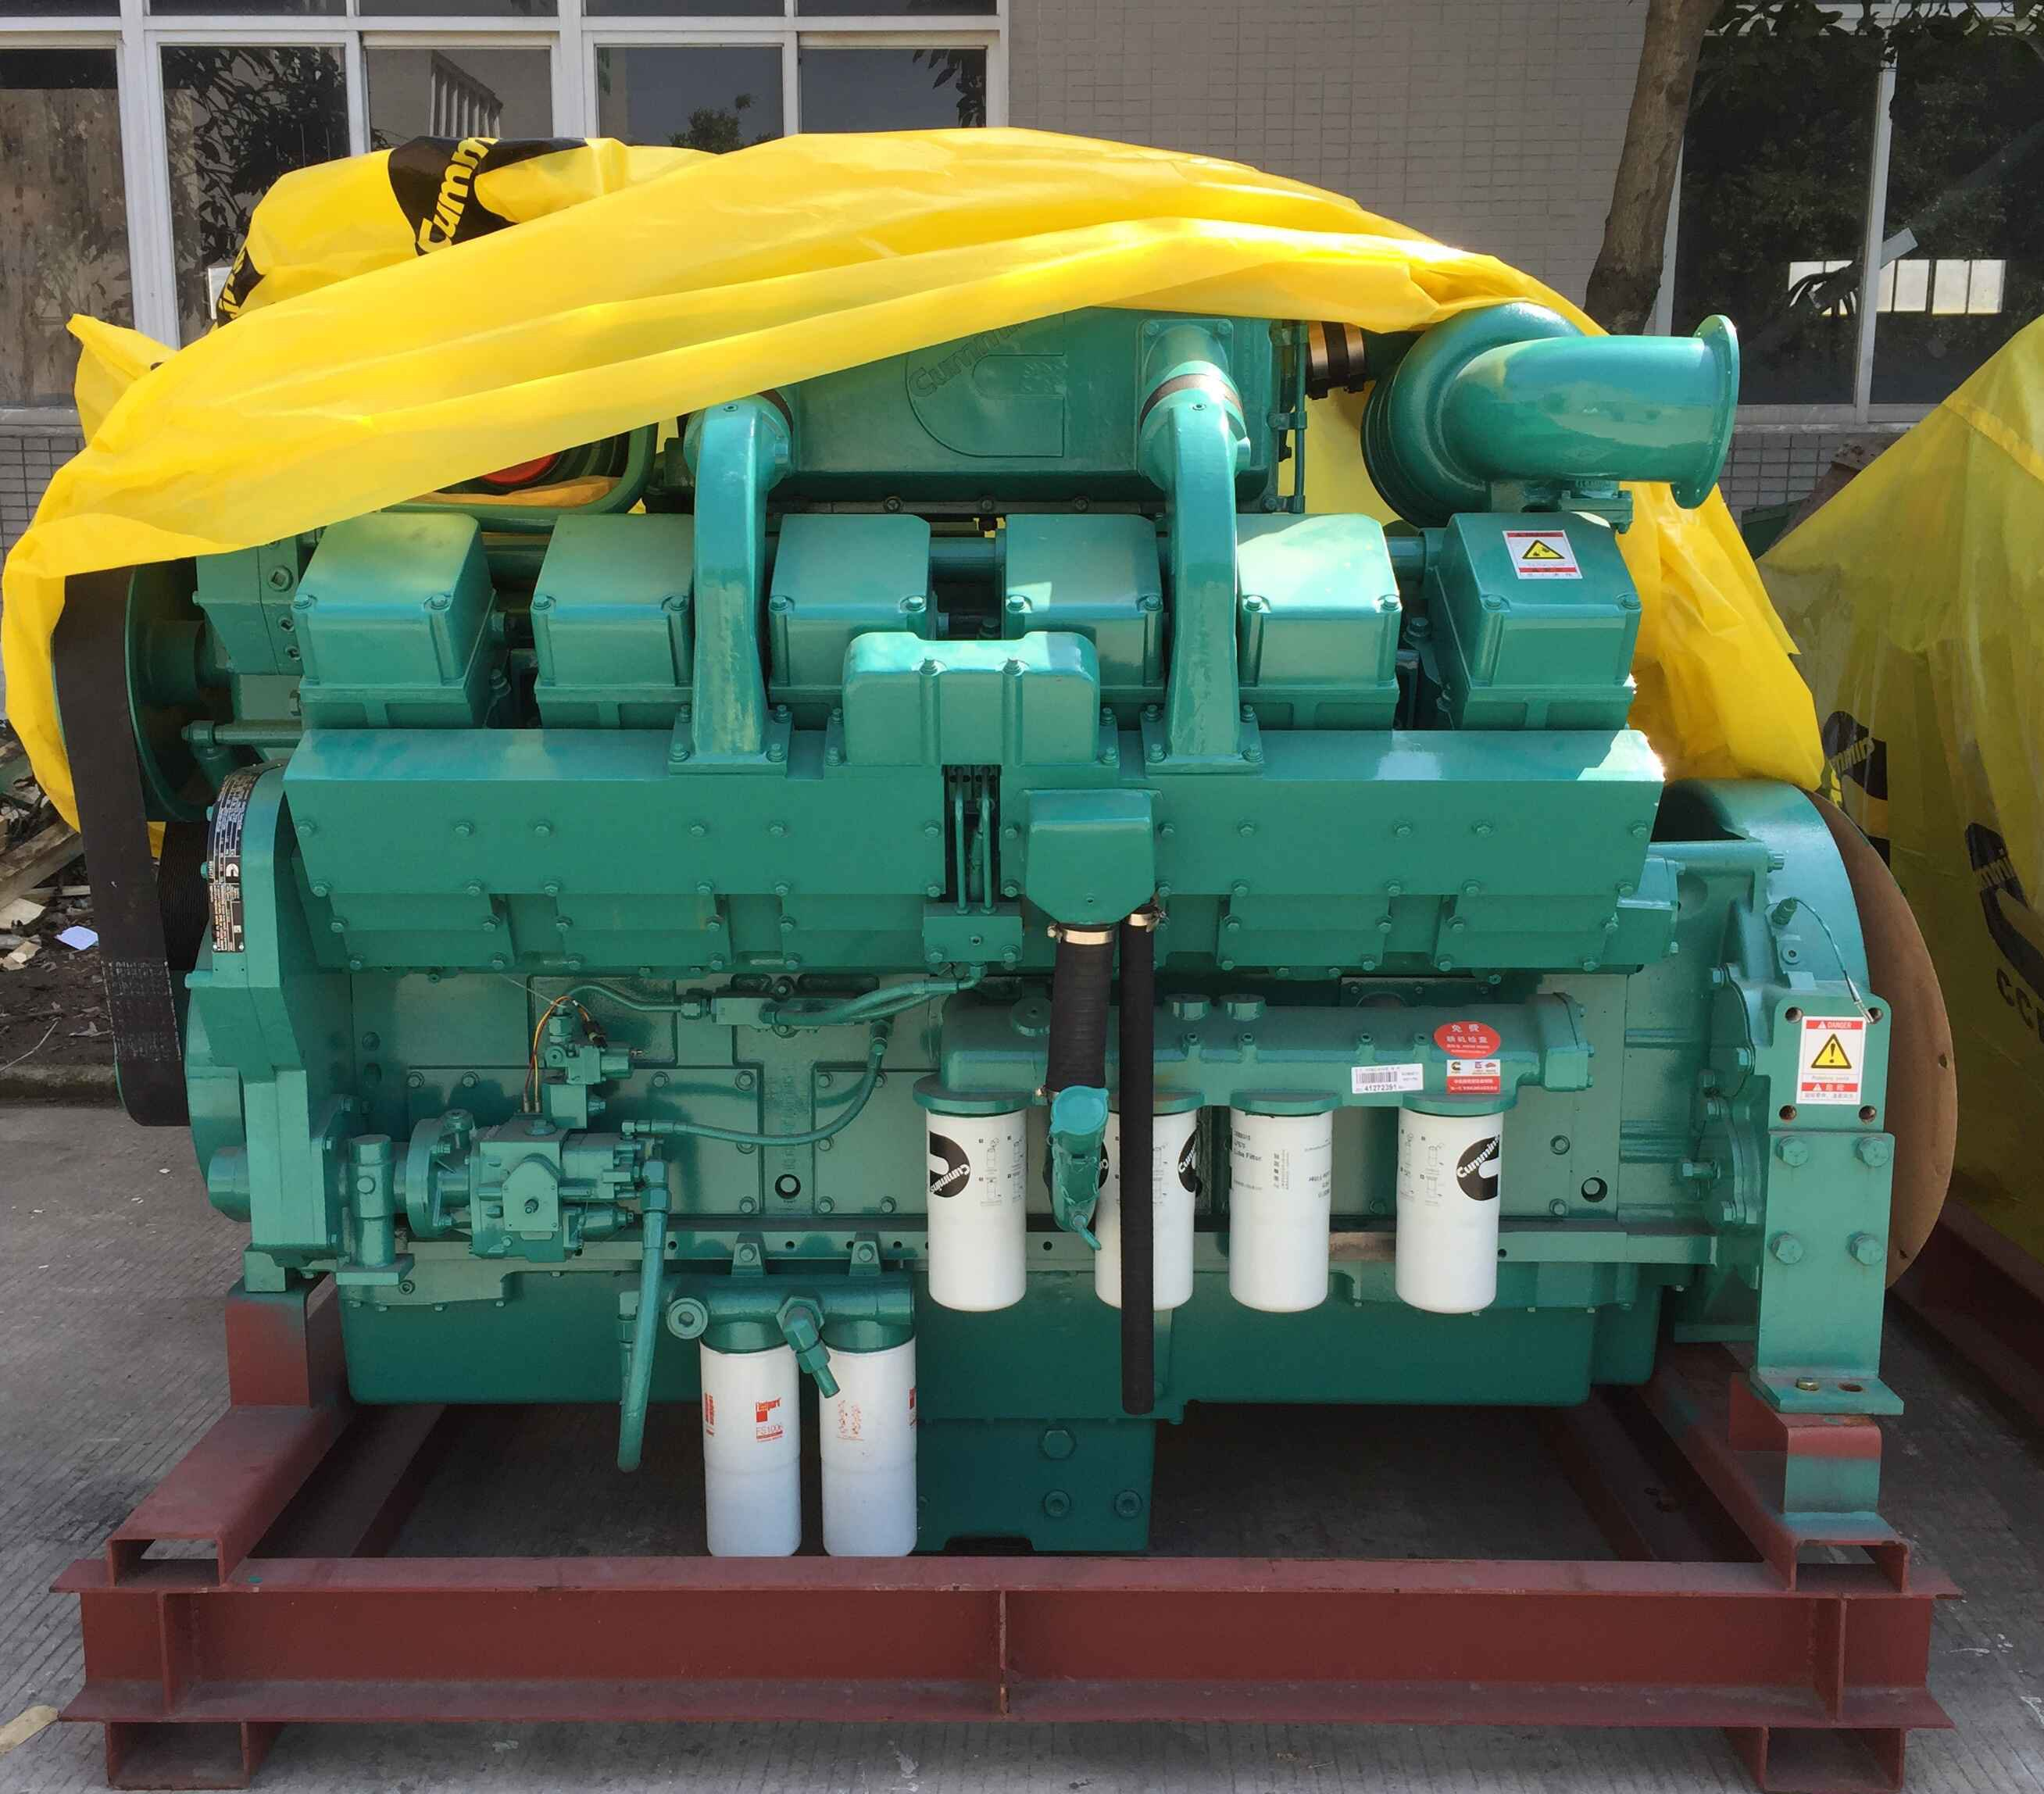 Máy phát điện Cummins 800kVA với mô hình động cơ KTA38-G2B 400V